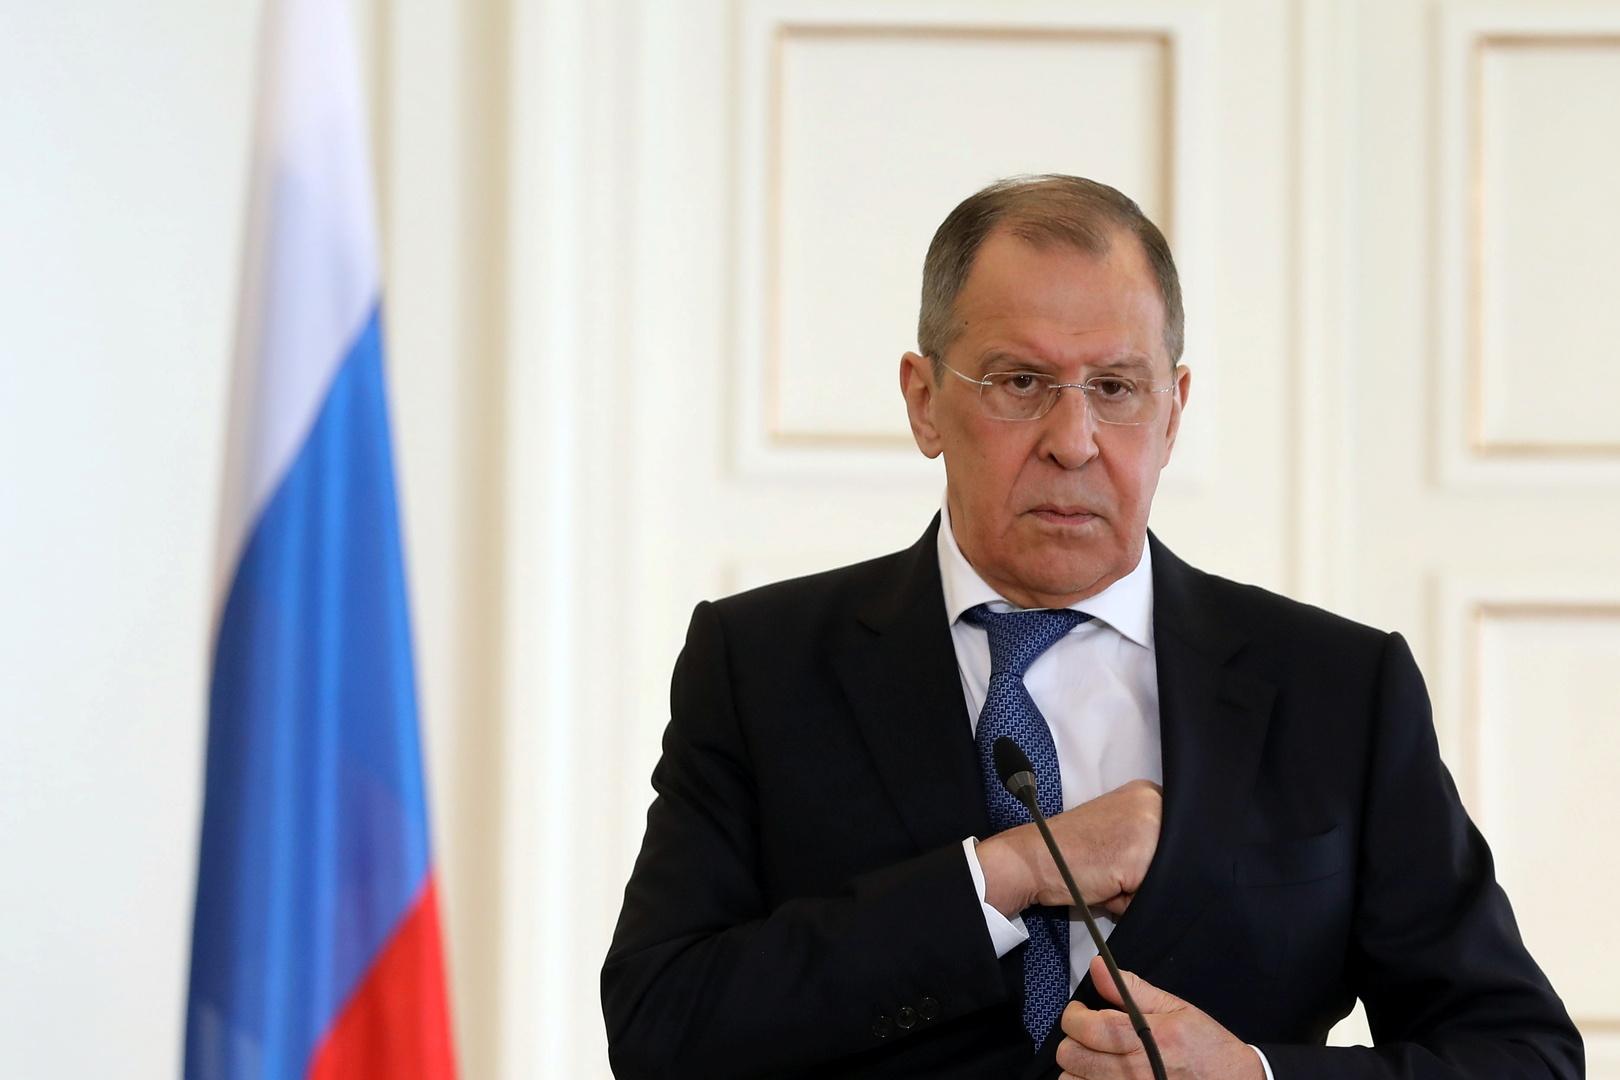 روسيا تطلب من منظمة حظر الكيميائي التعليق على رسالة مفتوحة عن